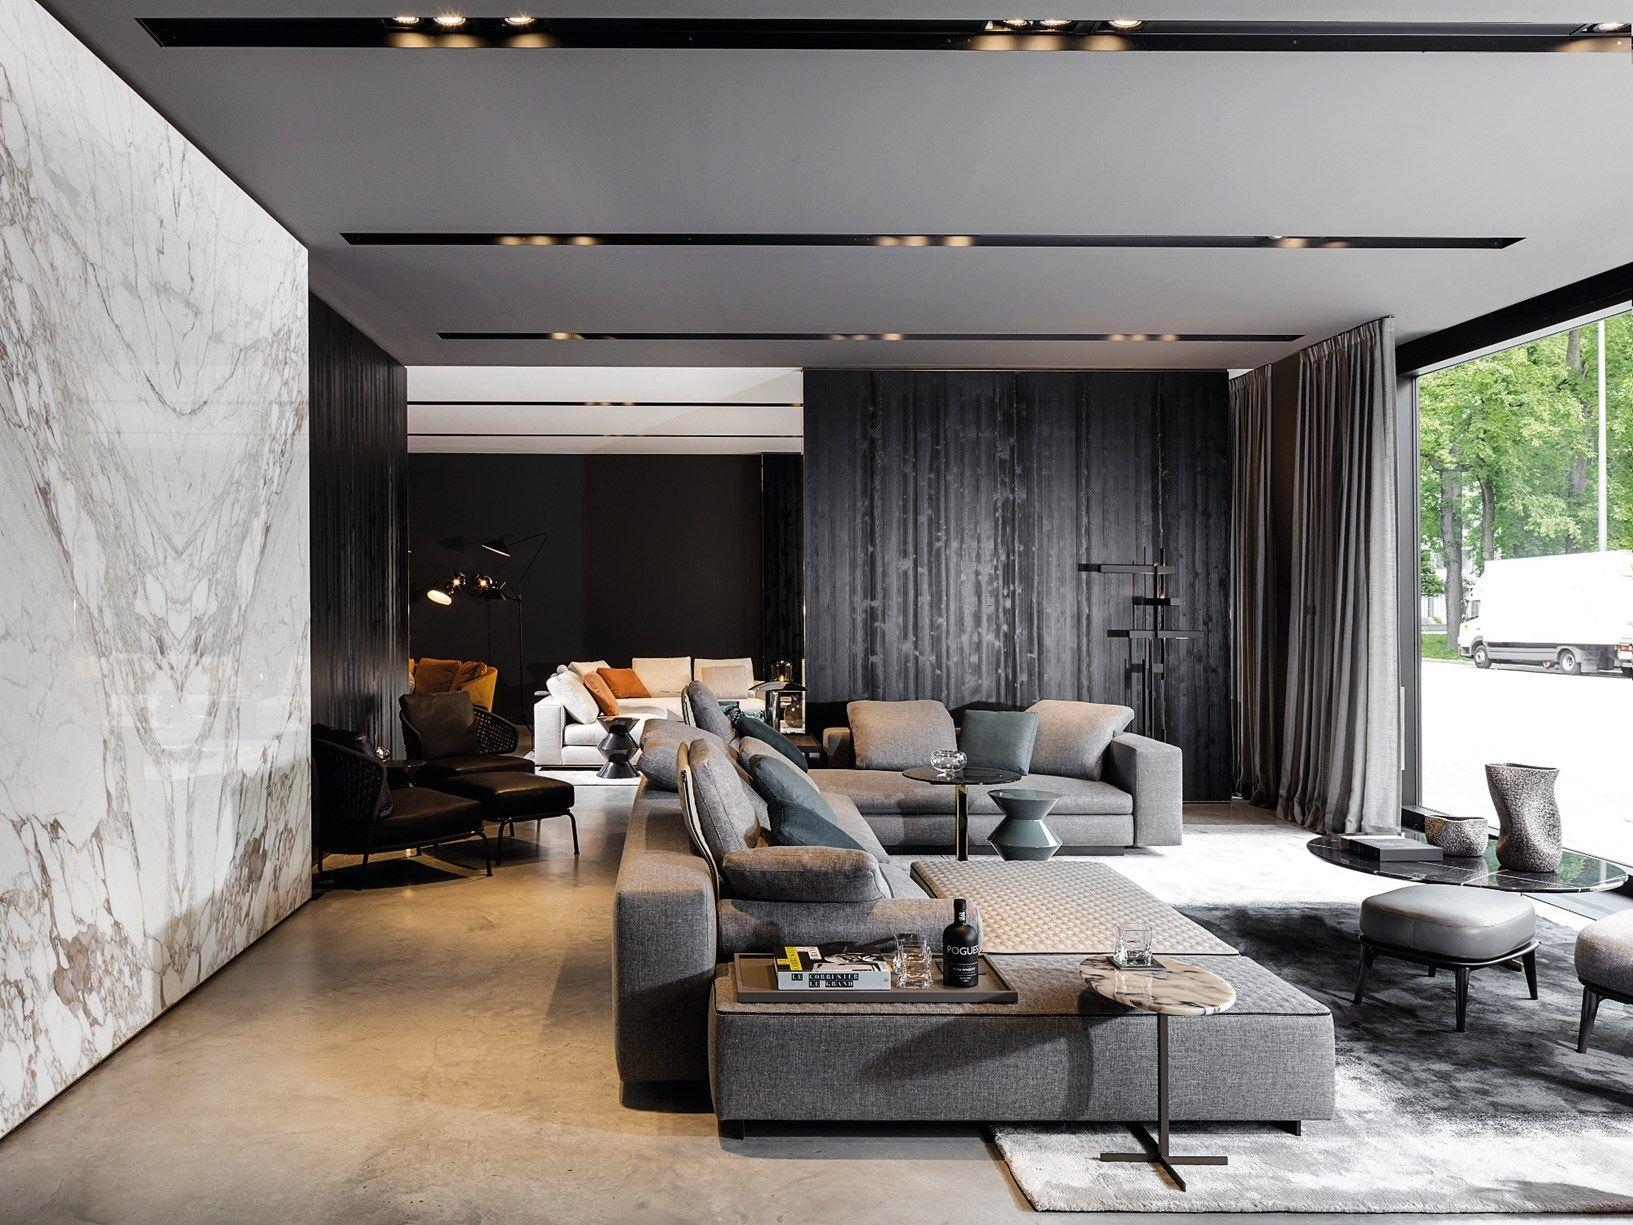 cemento grigio boiserie in legno pareti in marmo. Black Bedroom Furniture Sets. Home Design Ideas